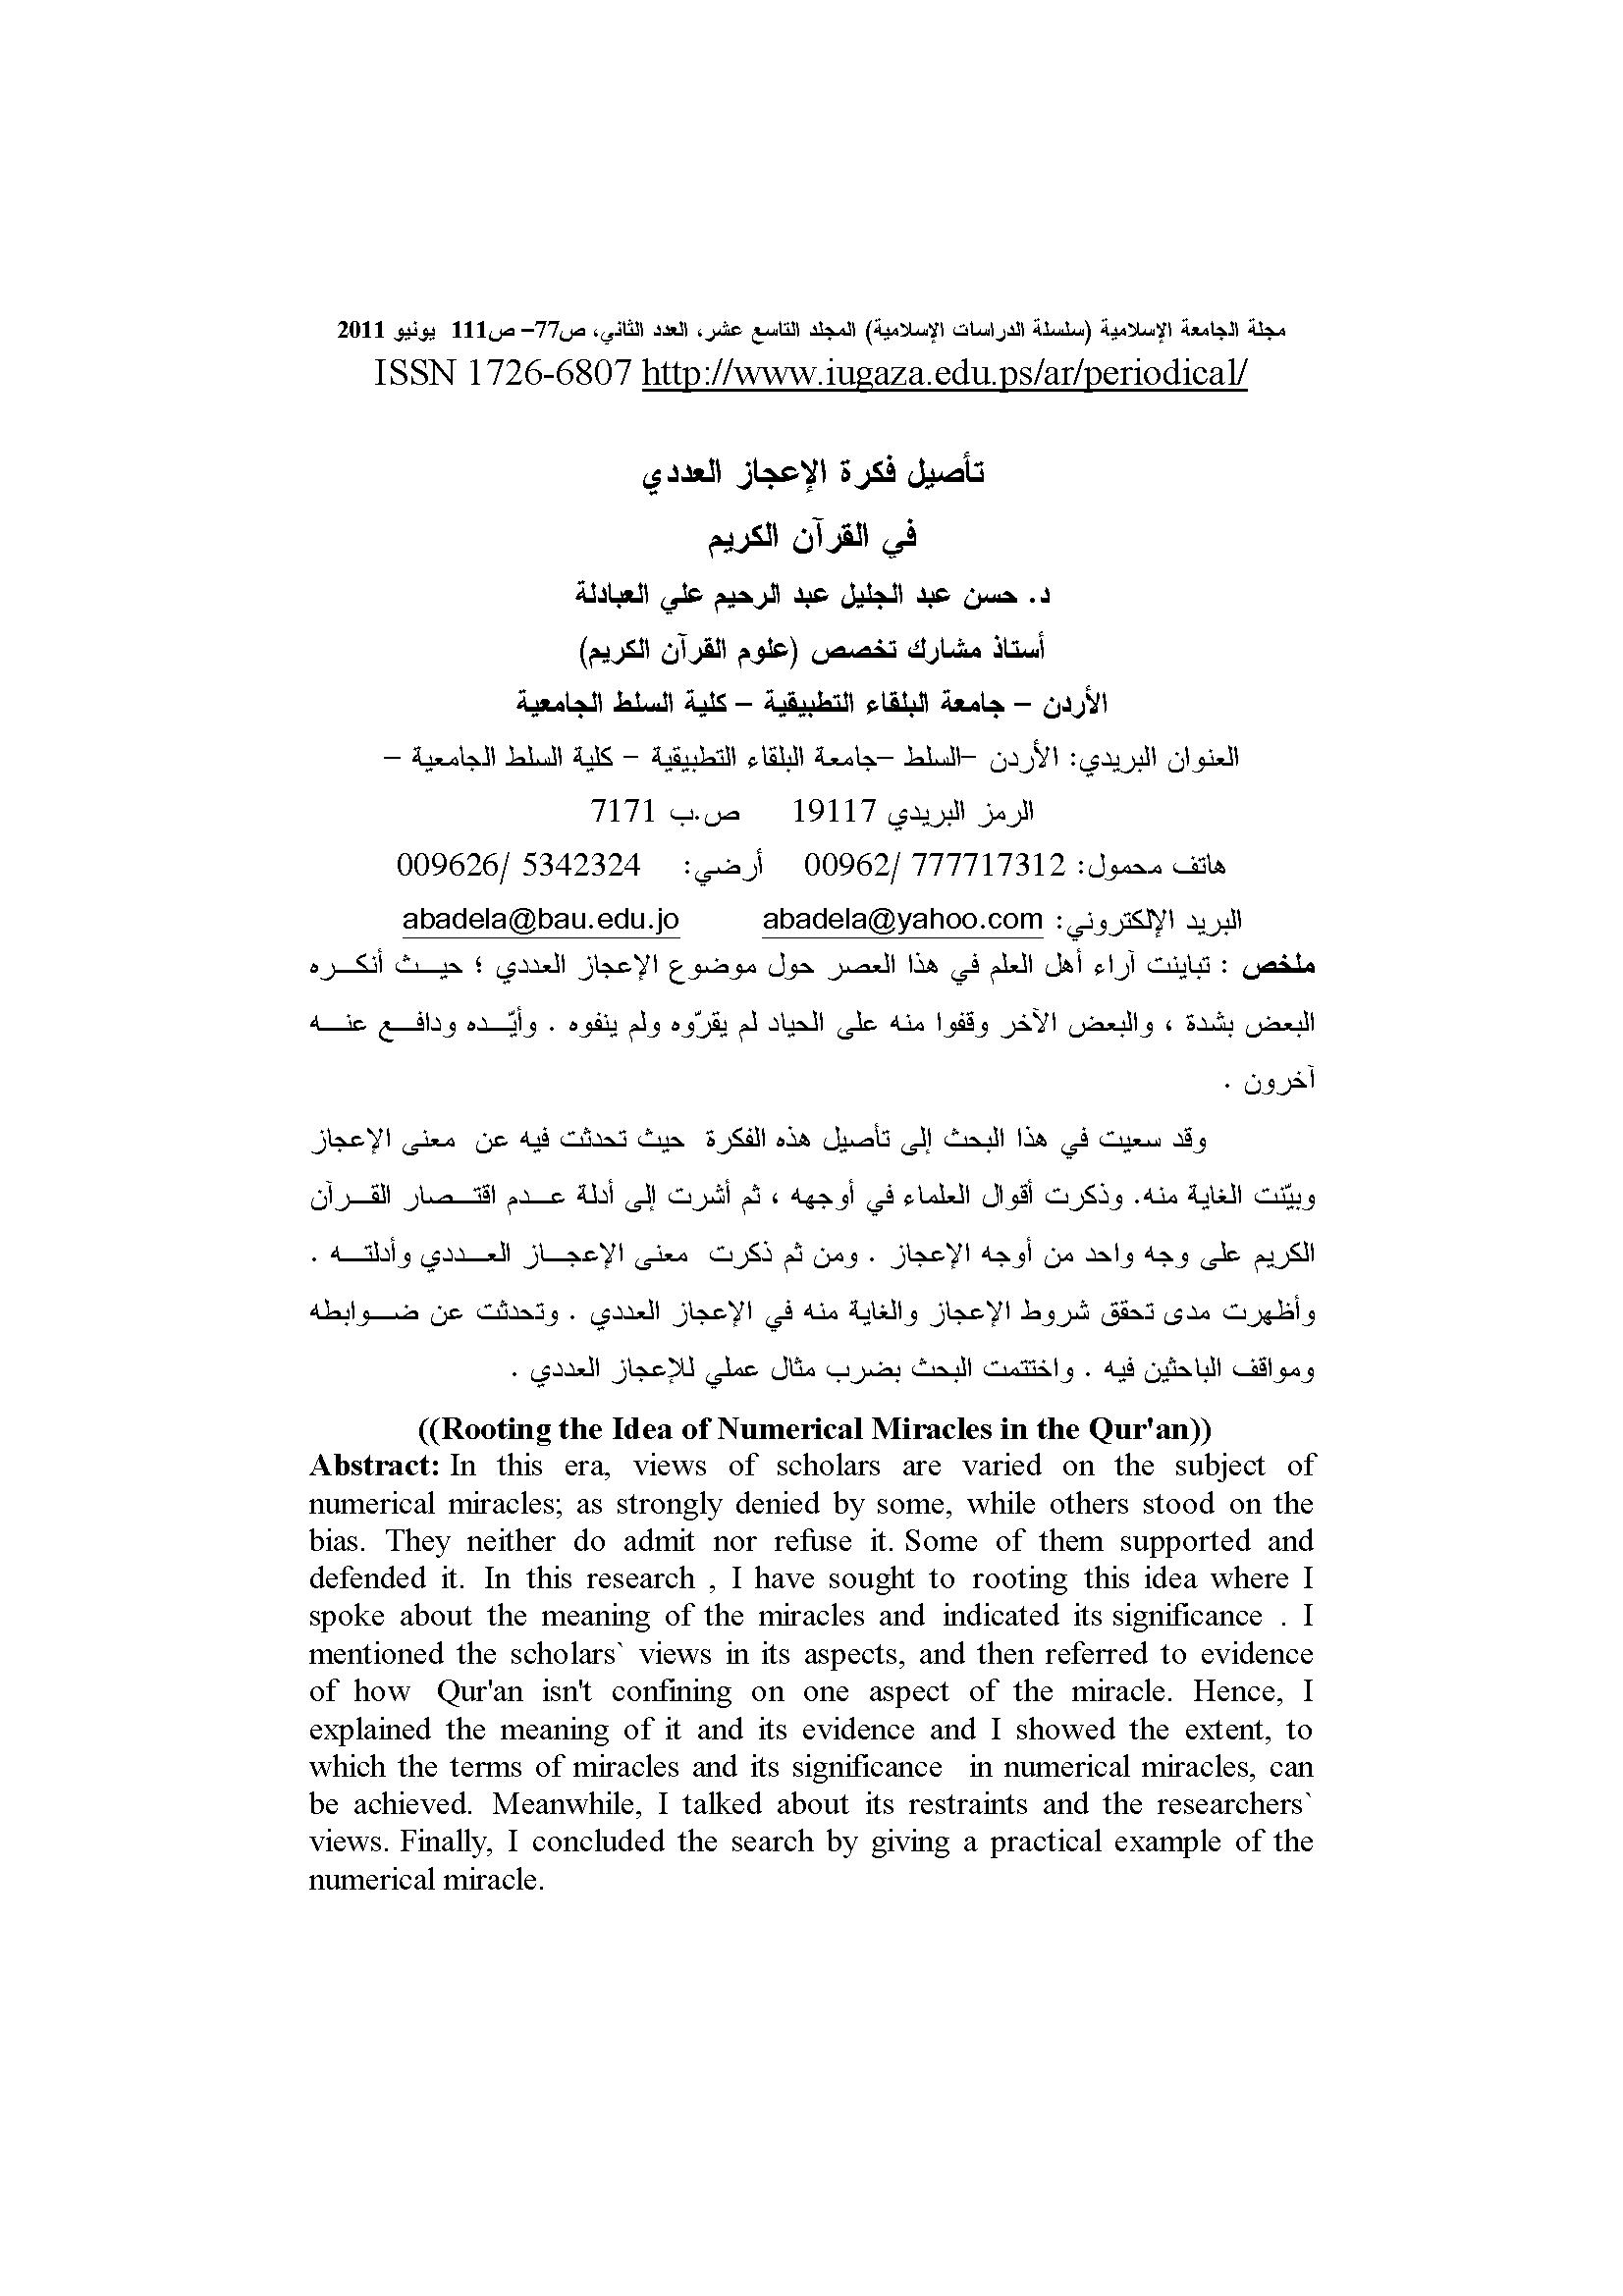 تحميل كتاب تأصيل فكرة الإعجاز العددي في القرآن الكريم لـِ: الدكتور حسن عبد الجليل عبد الرحيم علي العبادلة